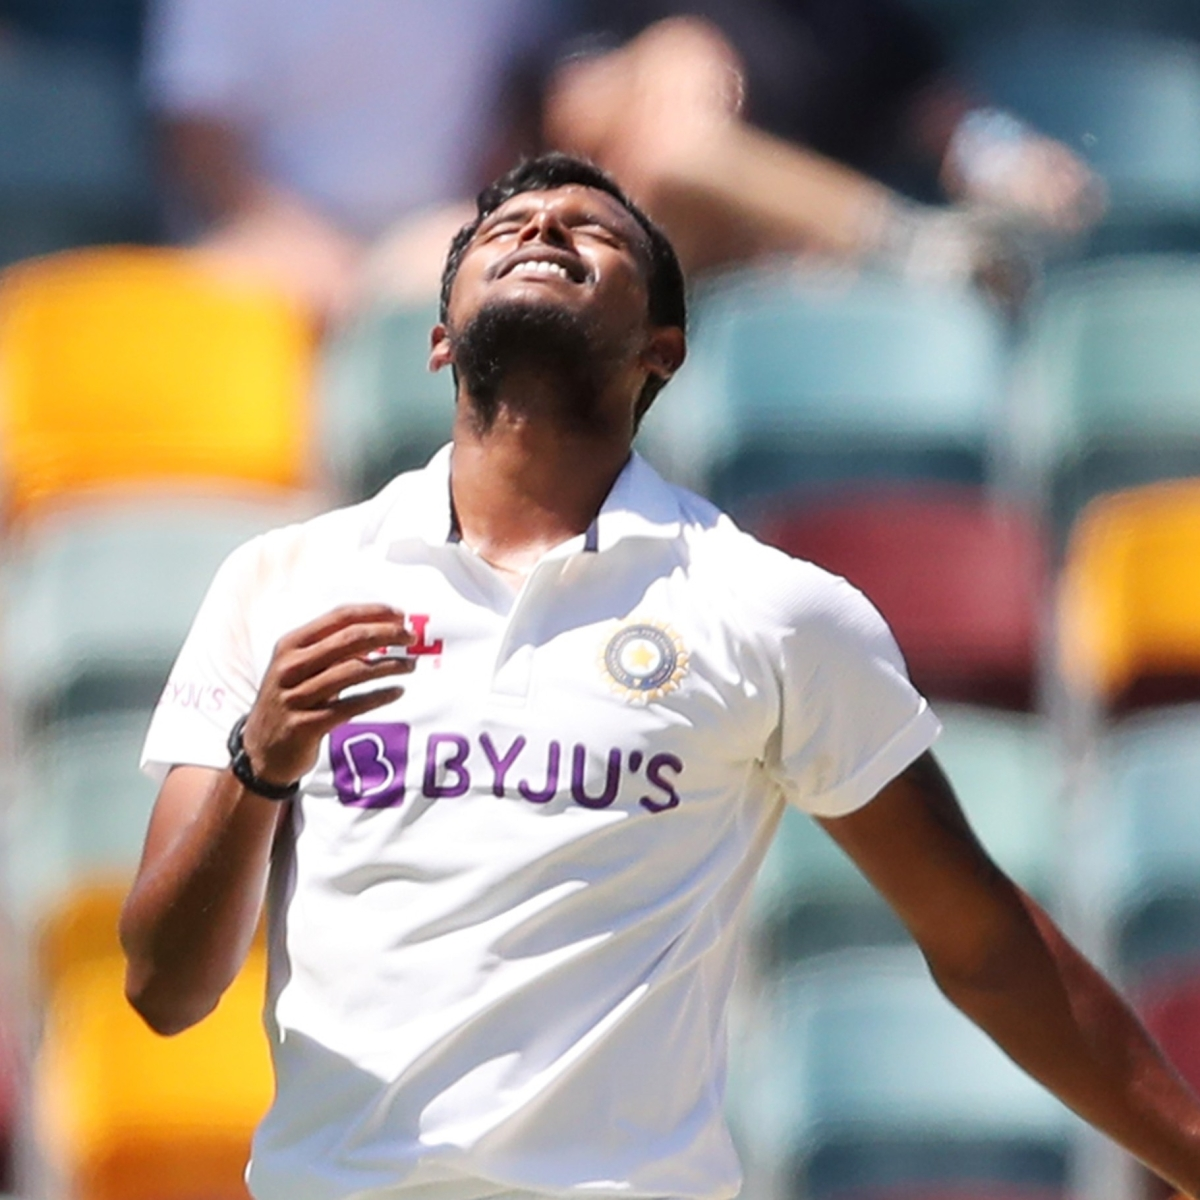 Ind vs Aus, 4th Test: After ODI and T20I, T Natarajan impresses on Test debut